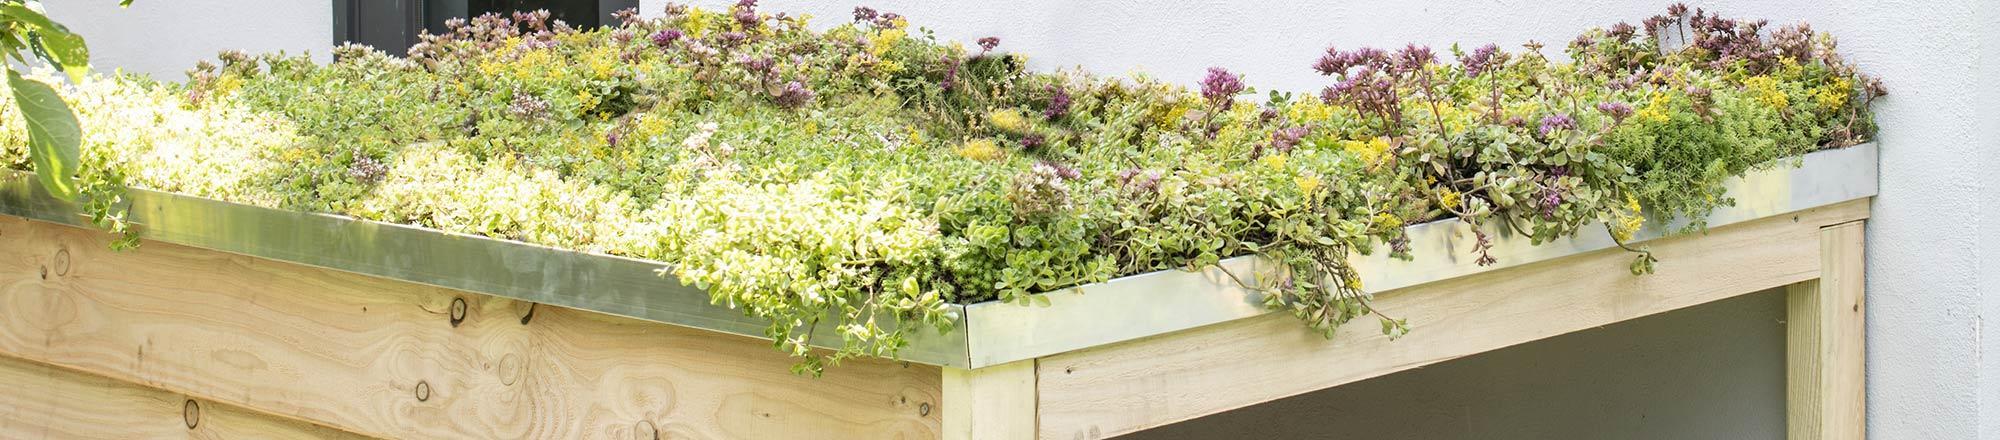 Sedumdak maken? Een groen dak met Sedum